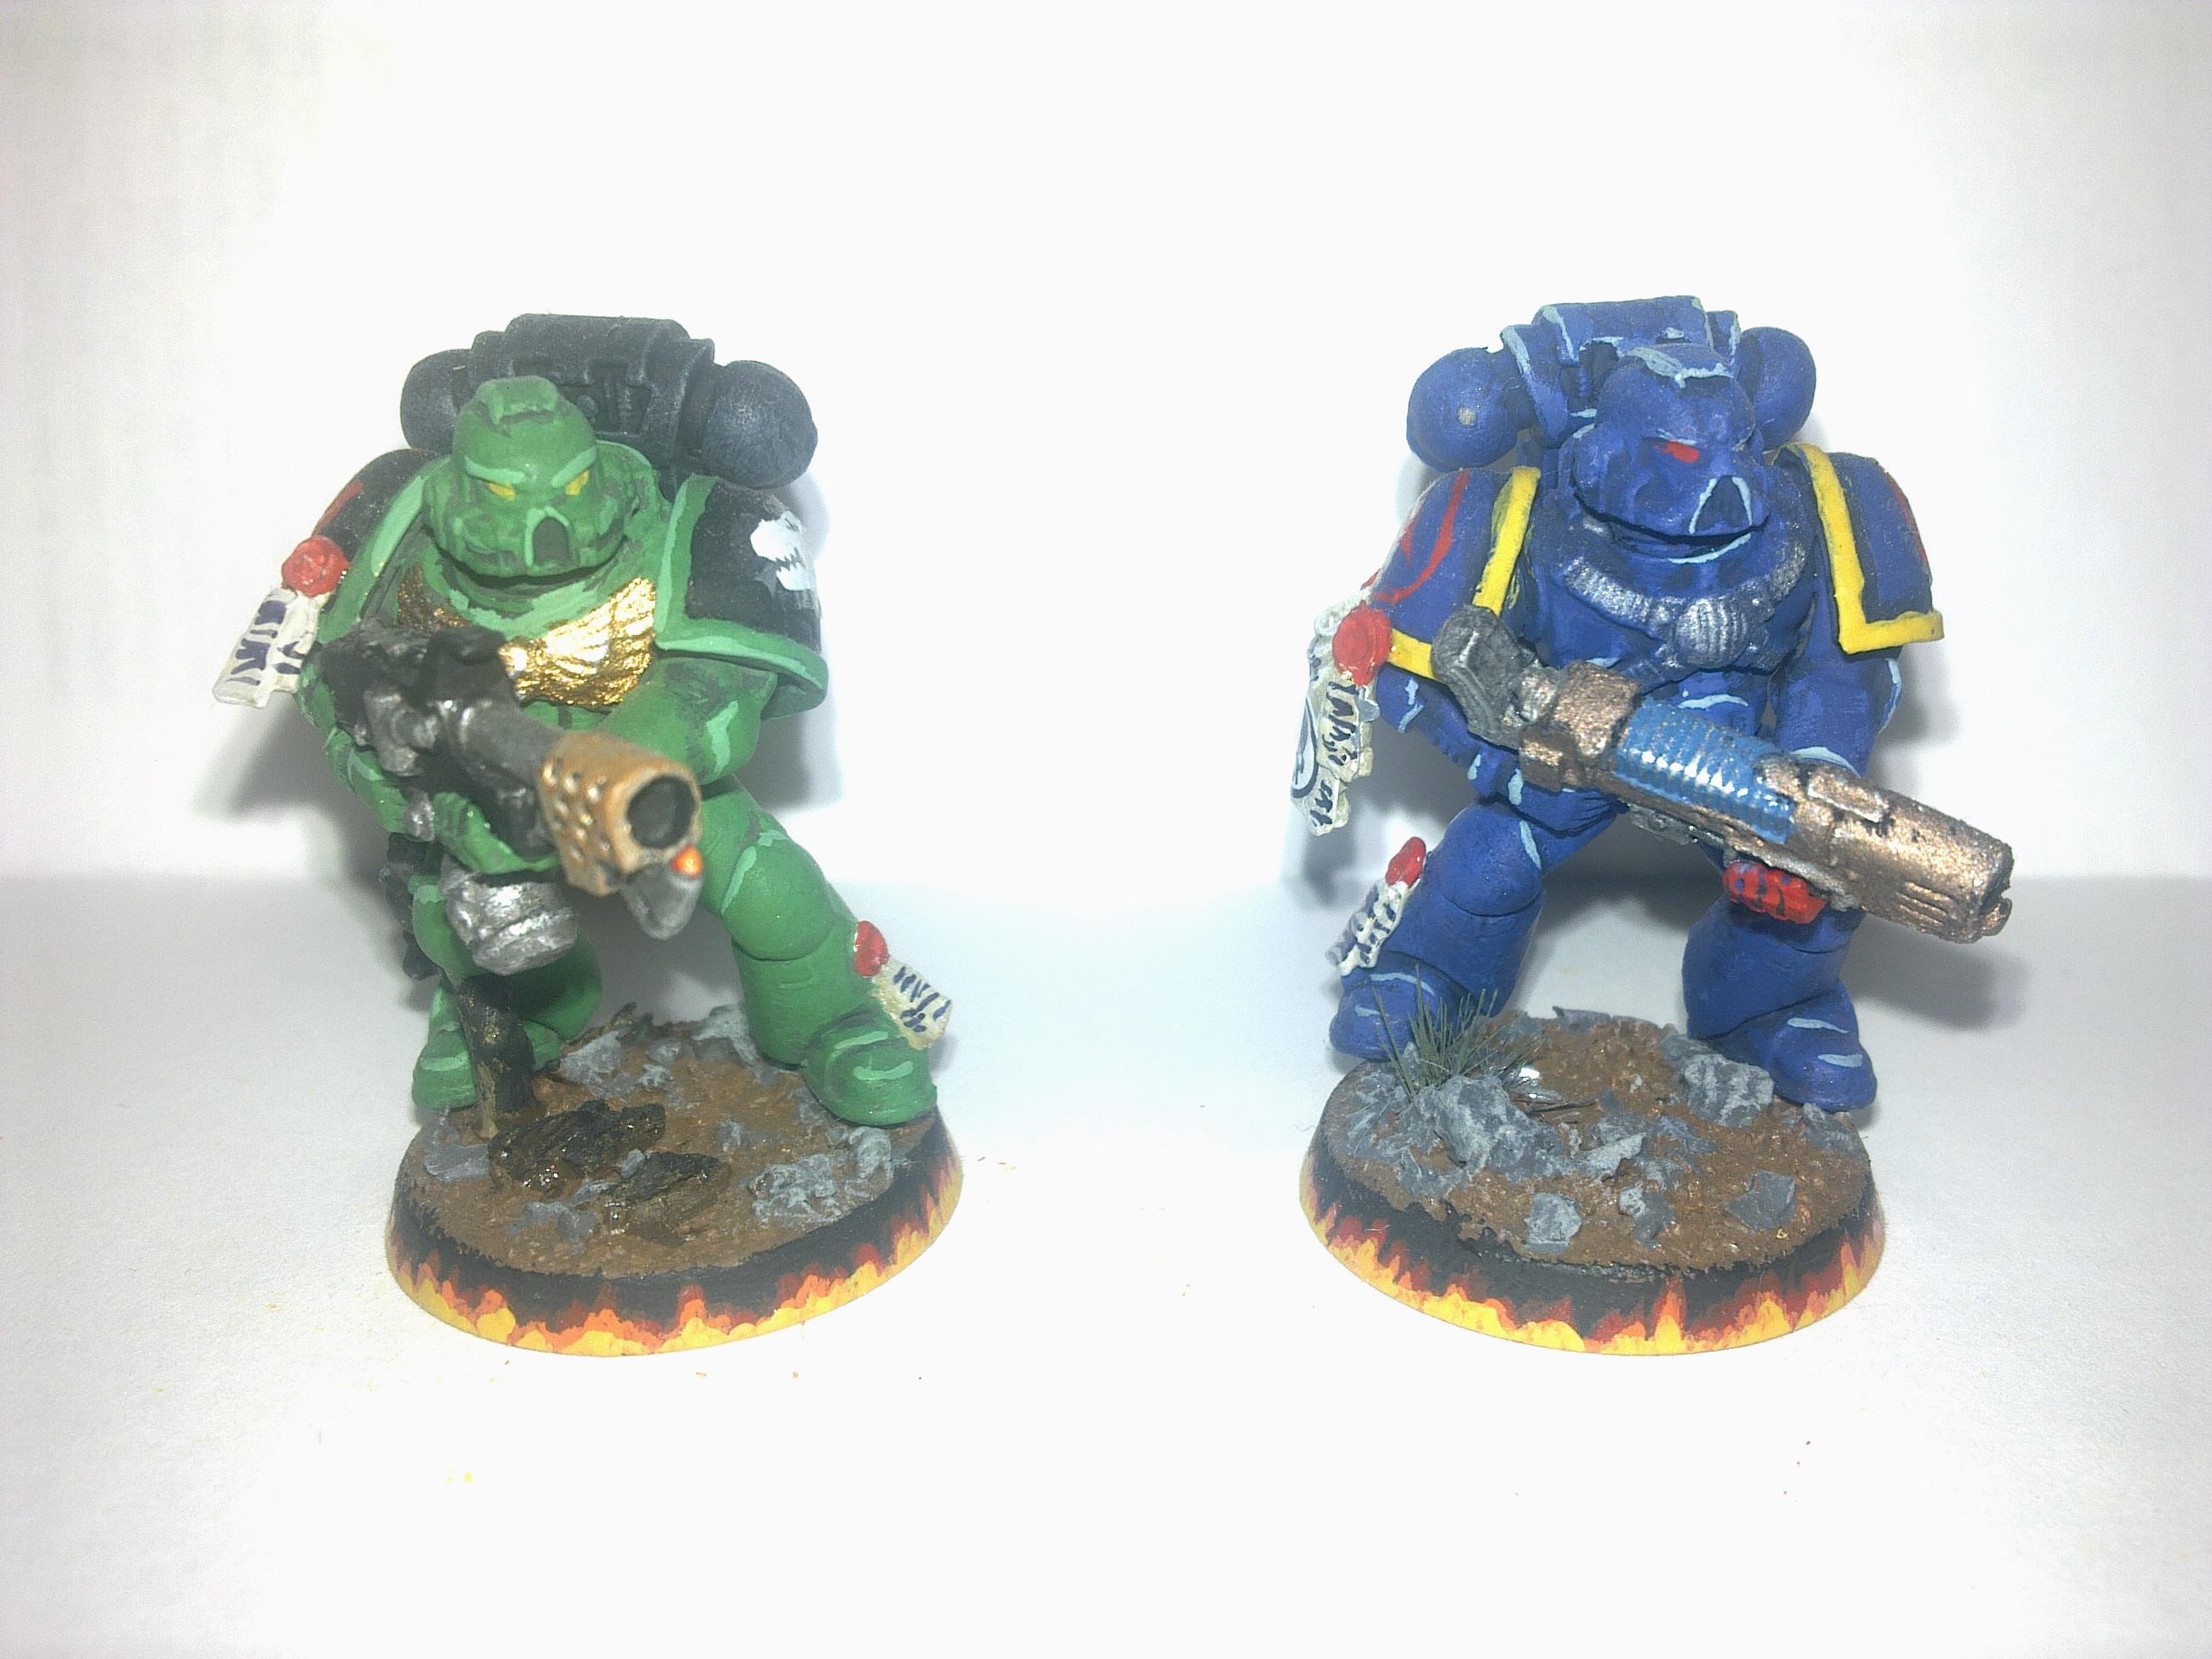 Crimson Fist, Salamander, Spacemarine, Warhammer 40,000